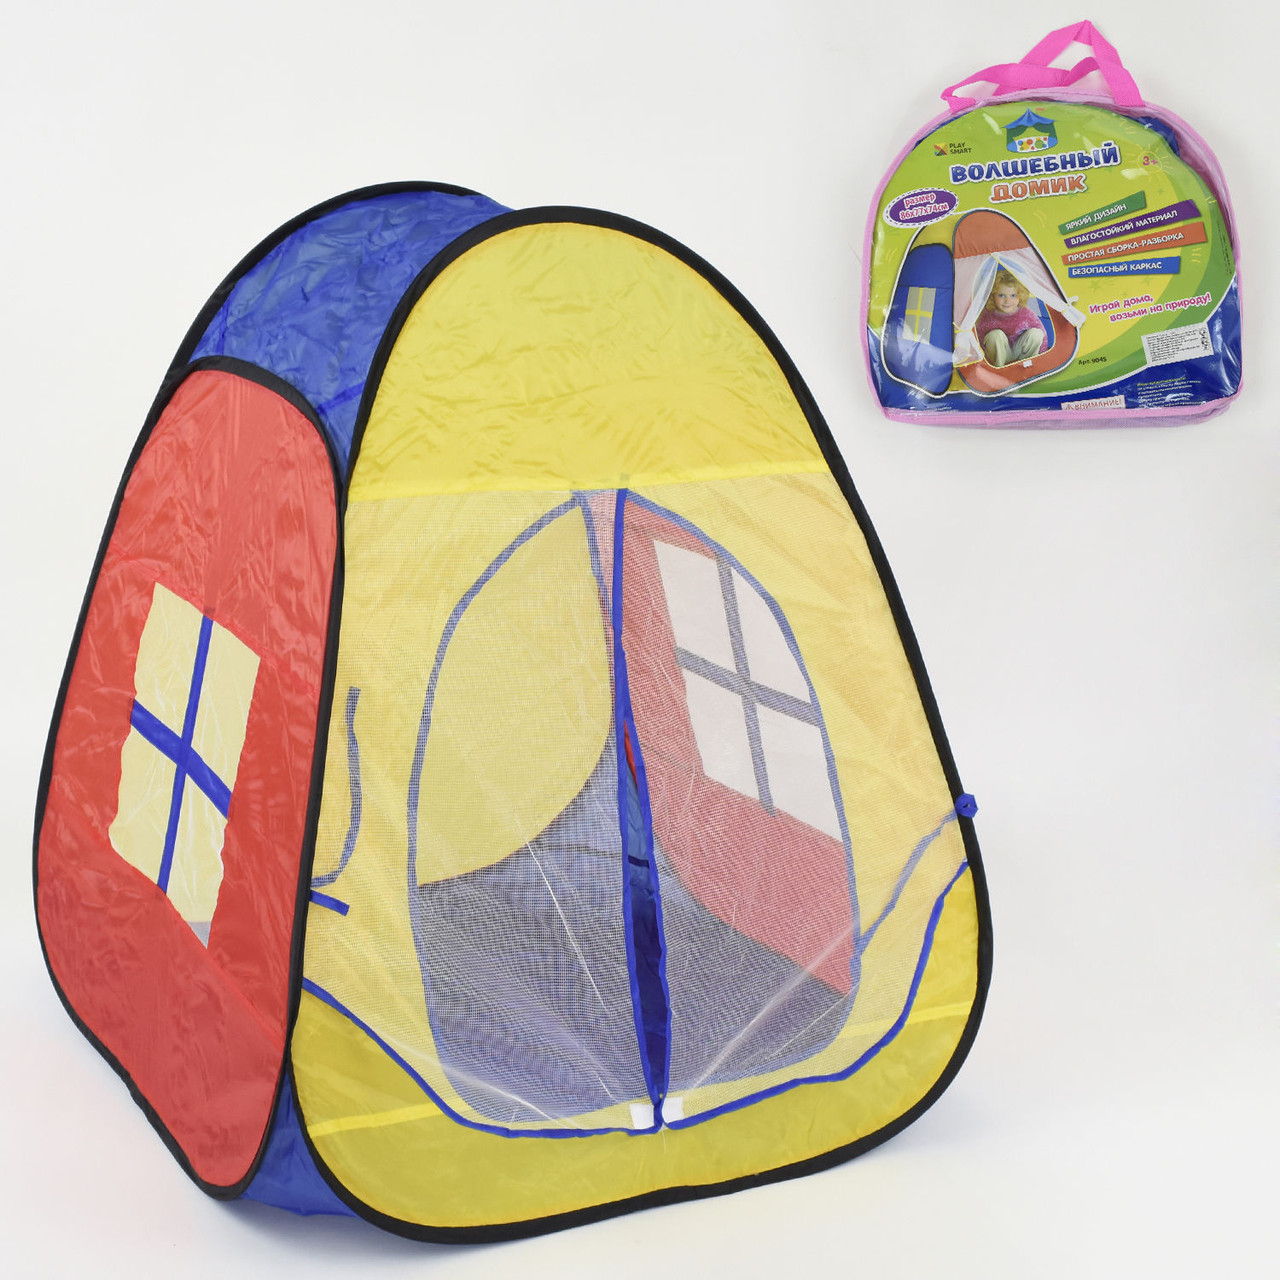 """Палатка детская игровая 904 S """"Волшебный домик"""" 86х77х74 см в сумке Гарантия качества Быстрая доставка"""